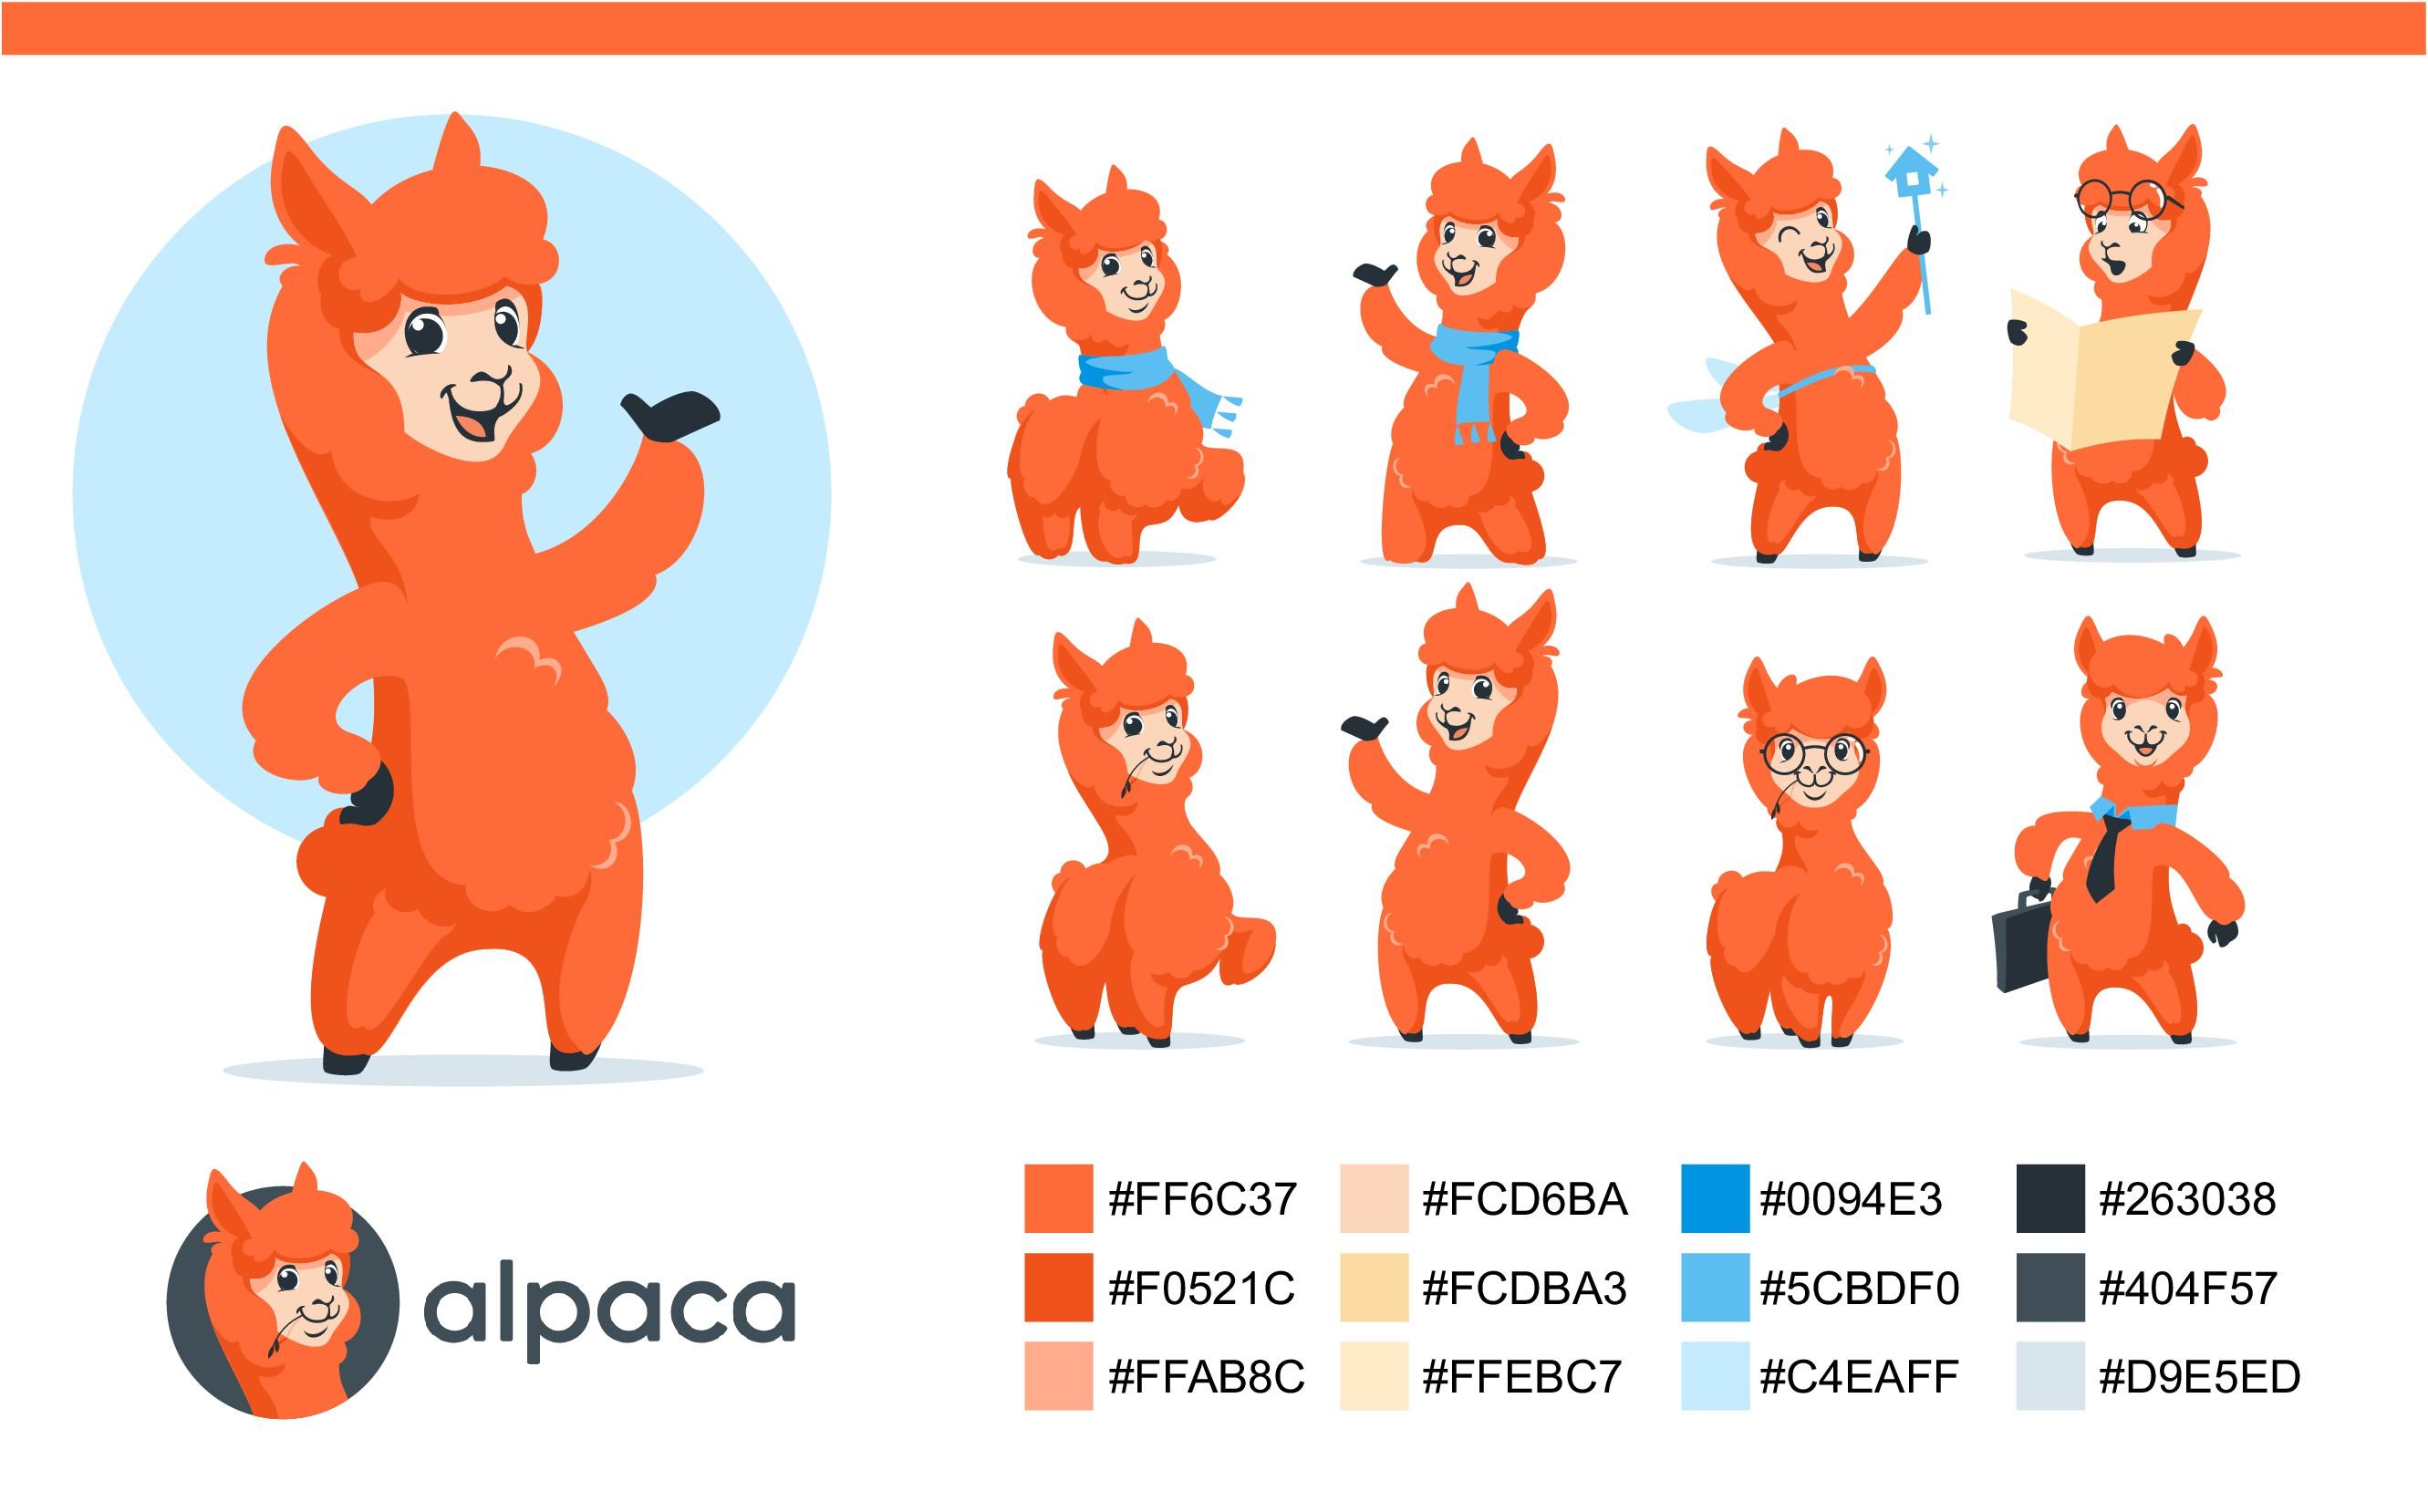 Design the cutest Alpaca mascot